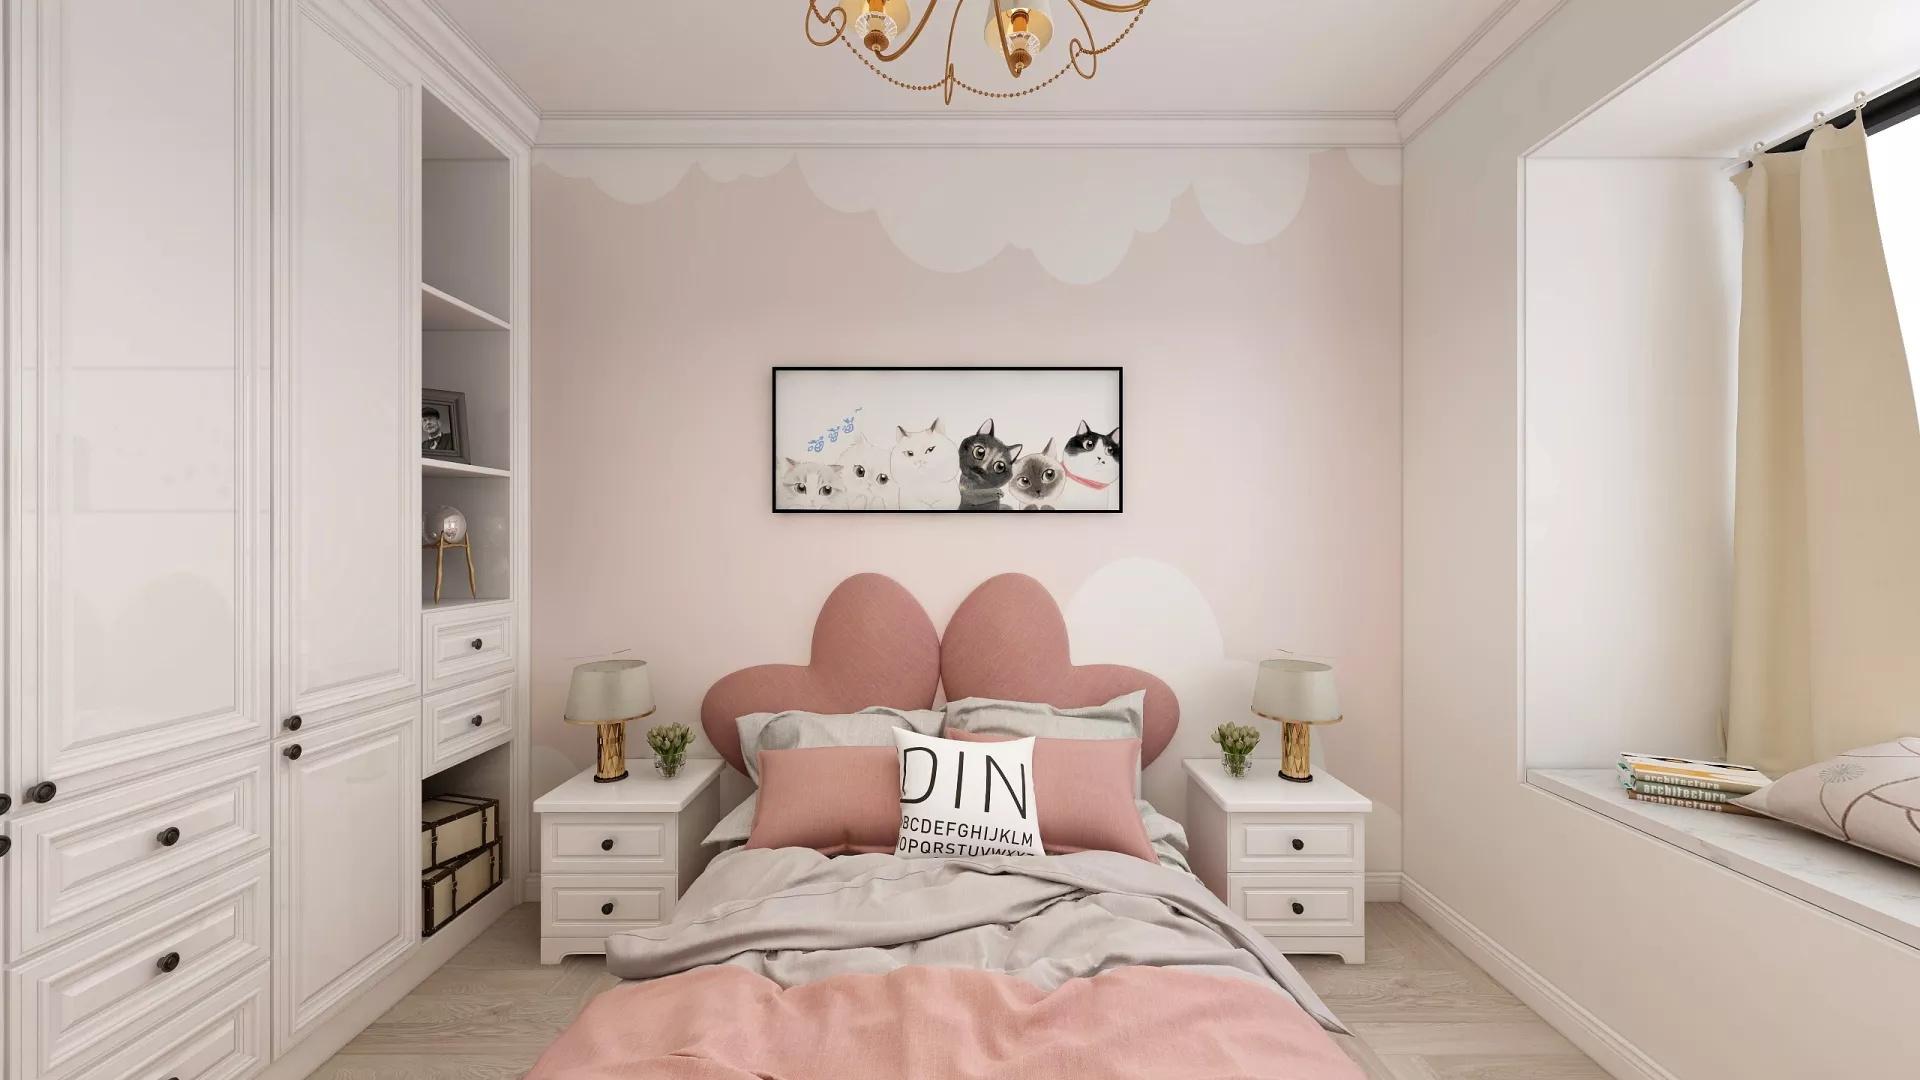 黑白简洁大气卧室装修效果图